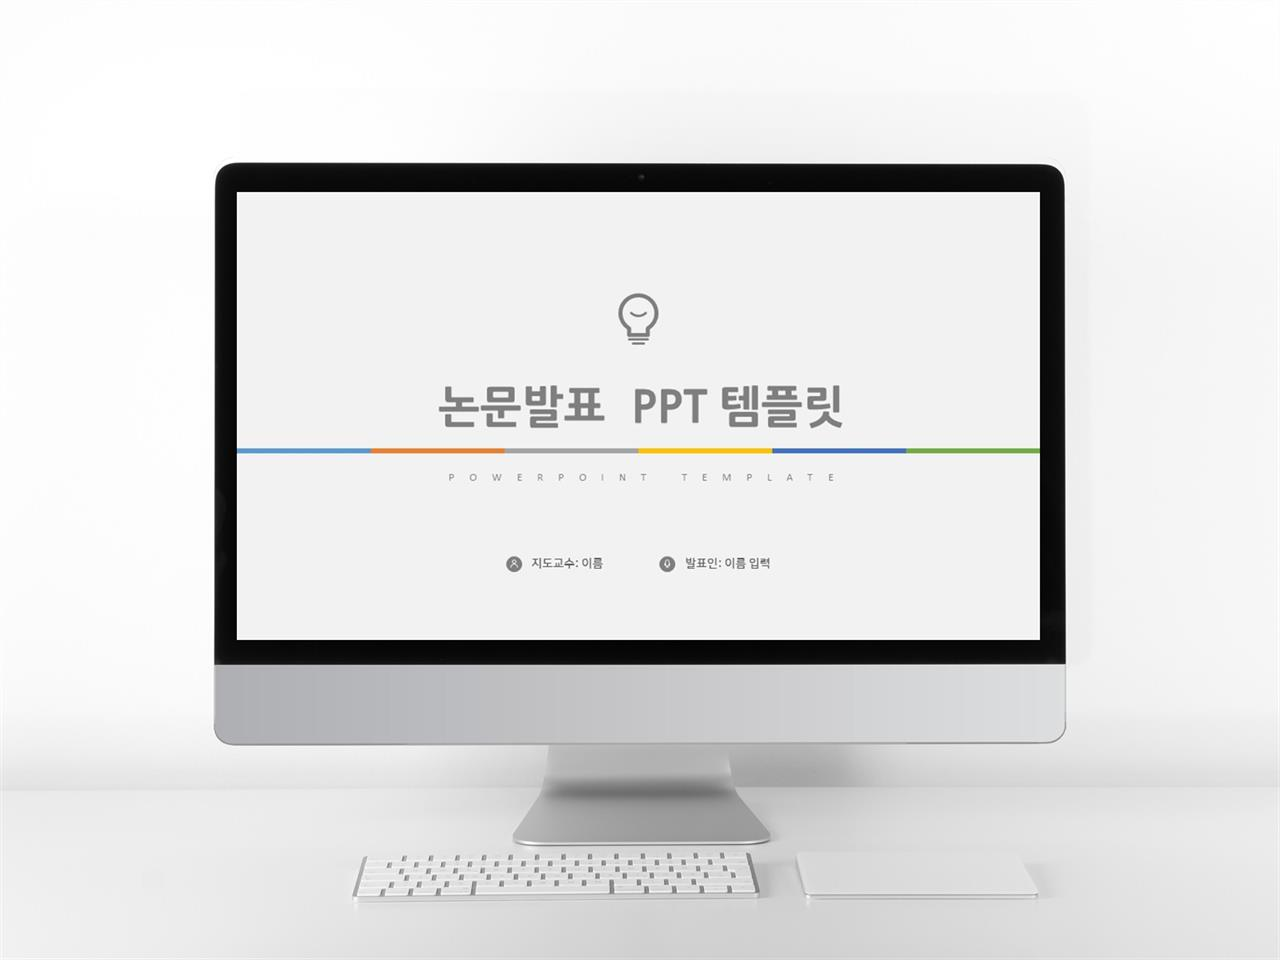 졸업발표 컬러 단출한 고퀄리티 PPT배경 제작 미리보기